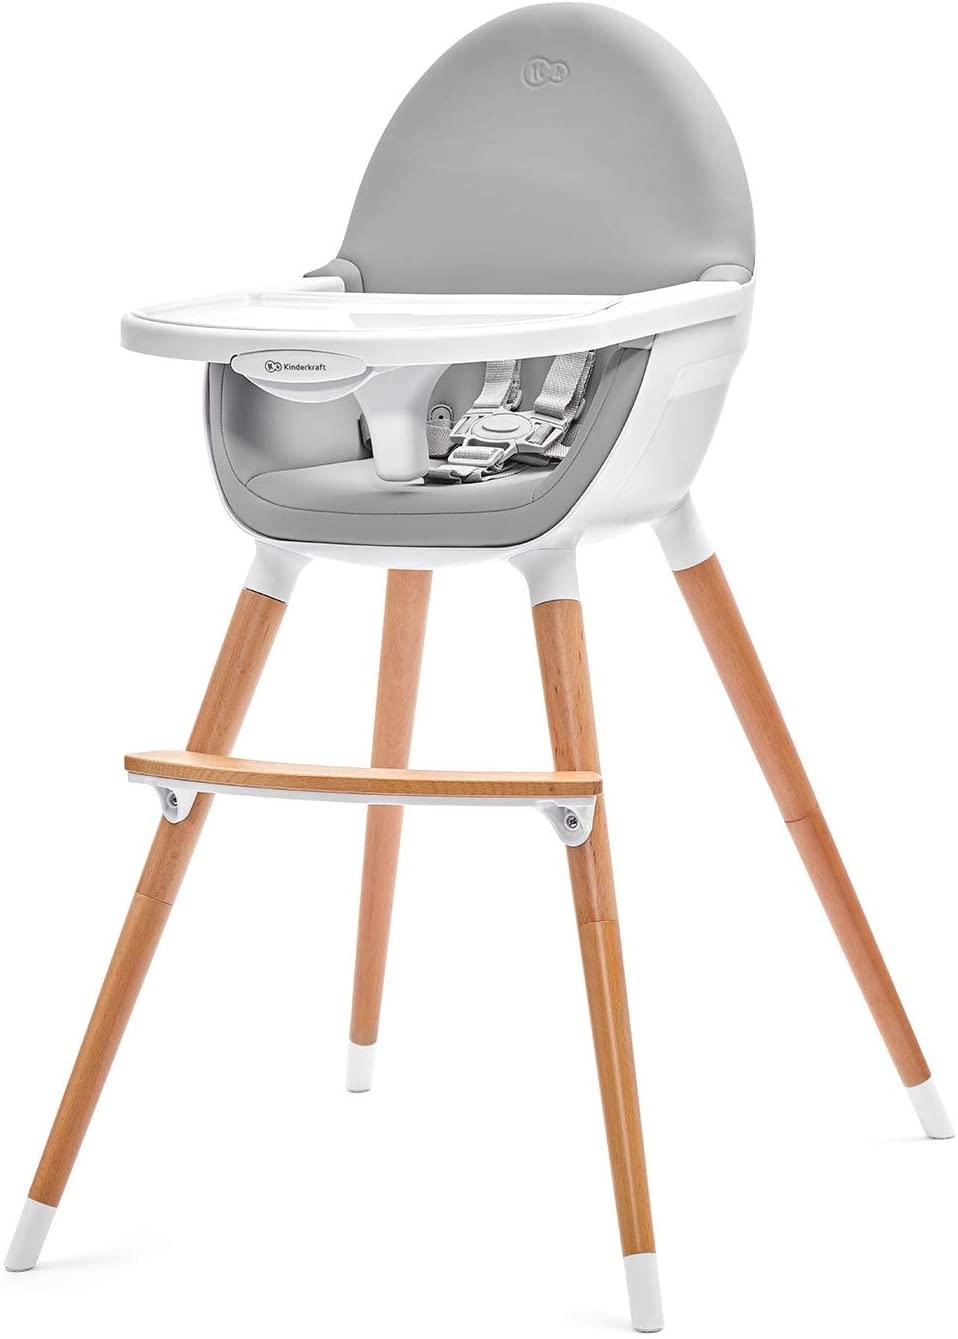 comparatif des 10 meilleures chaise